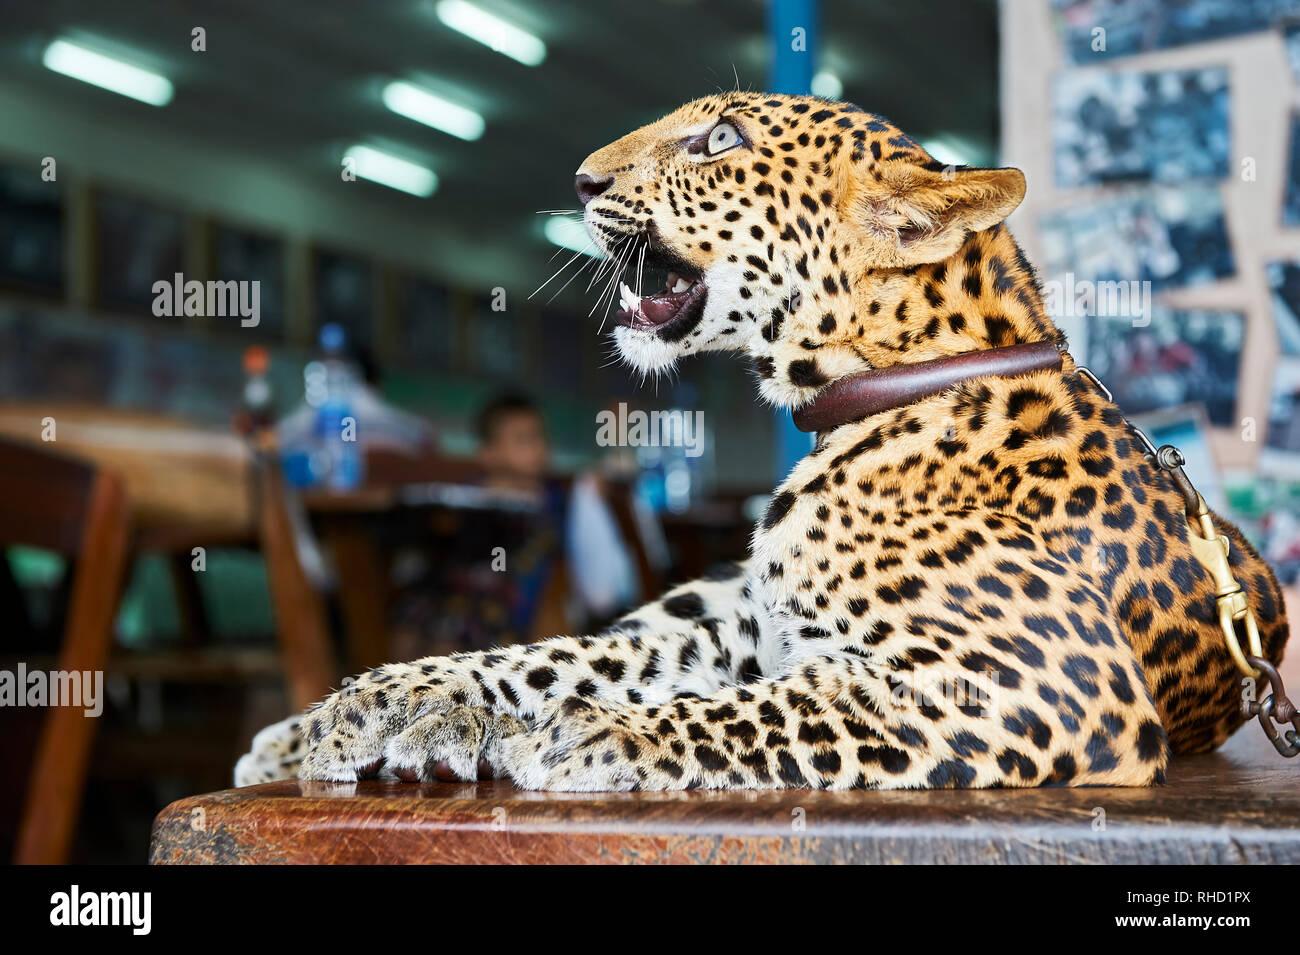 Un cub nella custodia di un giardino zoologico in Kanchanaburi, Thailandia. Esso è presentato dai suoi proprietari per i turisti; un mezzo per raccogliere le donazioni Foto Stock